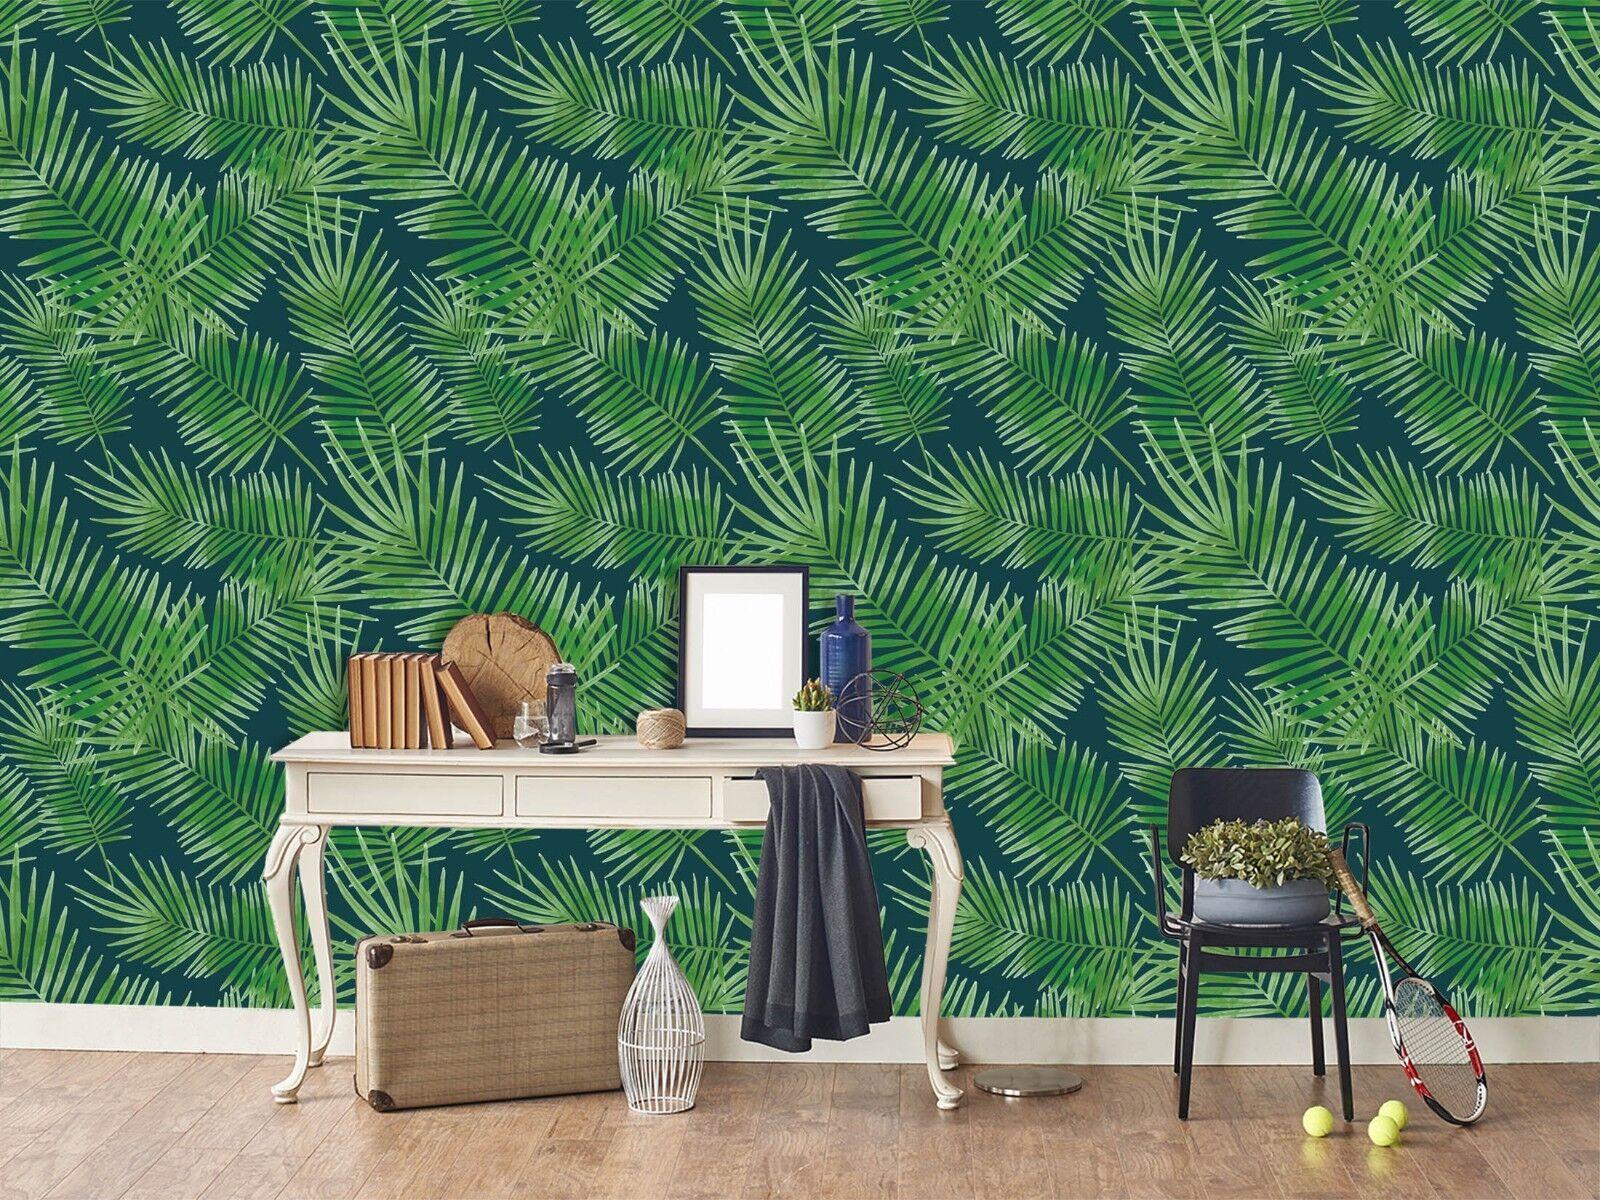 3D Grün Grass 710 Wallpaper Mural Paper Wall Print Indoor Murals CA Summer